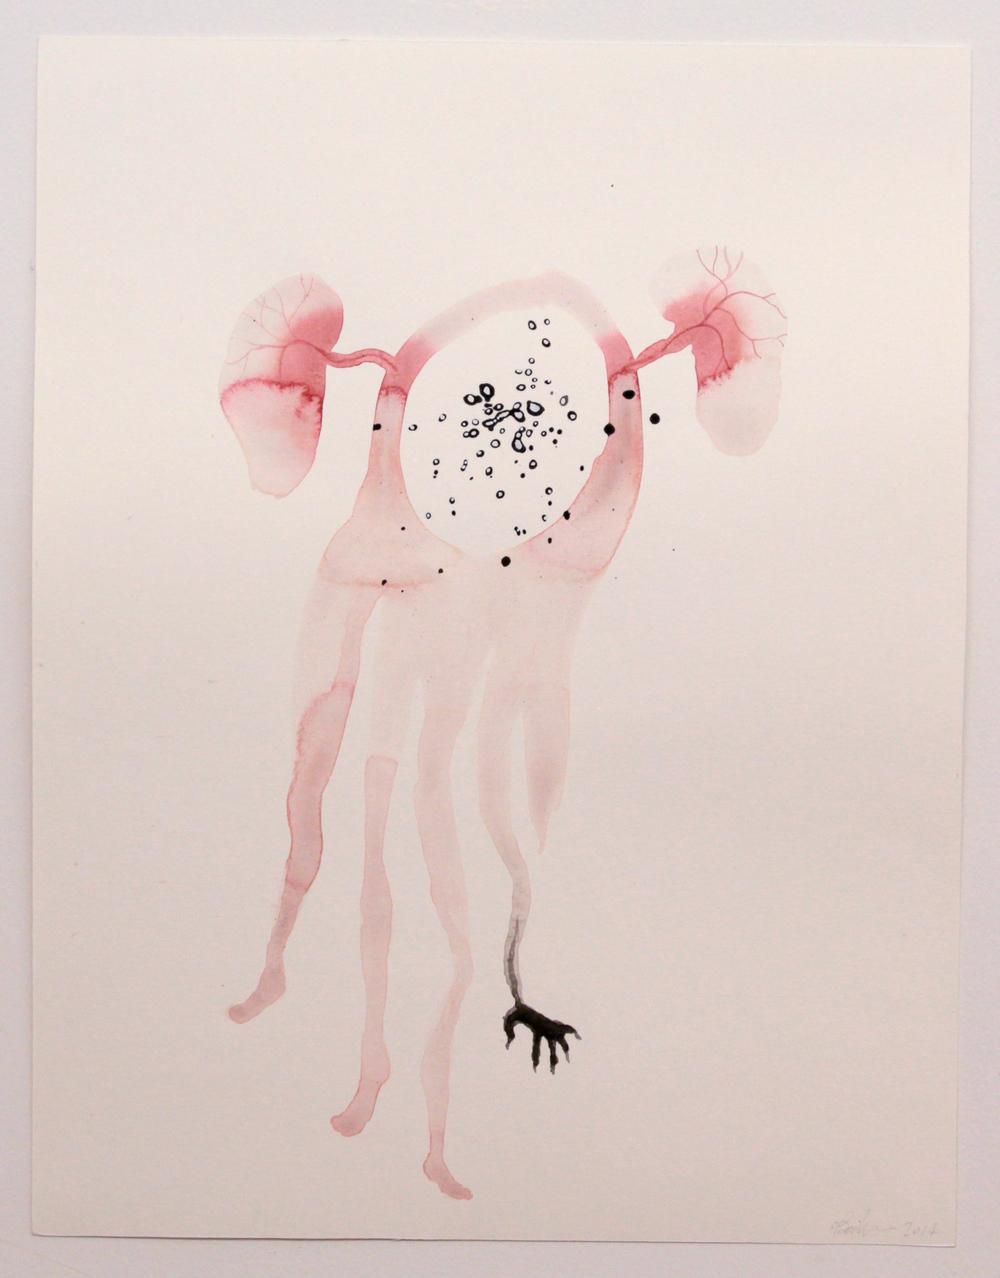 Du vent dans les oreilles, de l'eau dans les poumons, 2014 (detail) Aquarelle sur papier, Watercolor on paper 35cm X 27cm Photo : Caroline Boileau